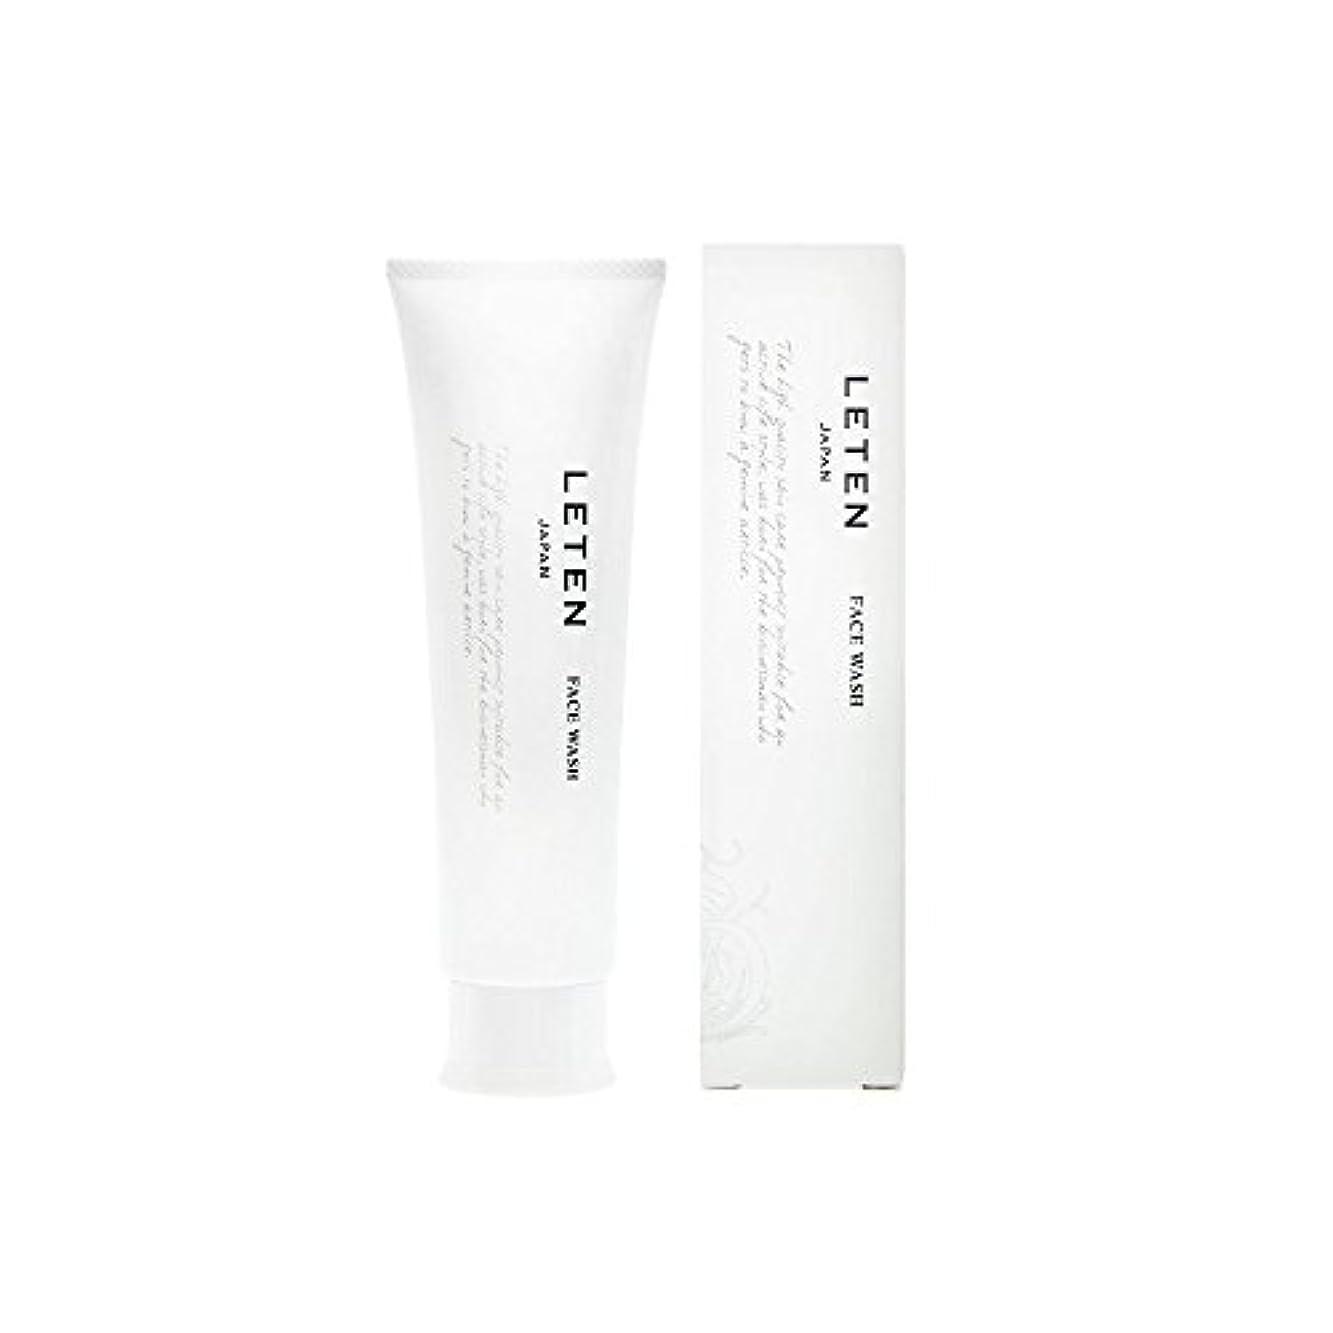 理解めるサーバレテン (LETEN) フェイスウォッシュ 100g 洗顔フォーム 洗顔料 敏感肌